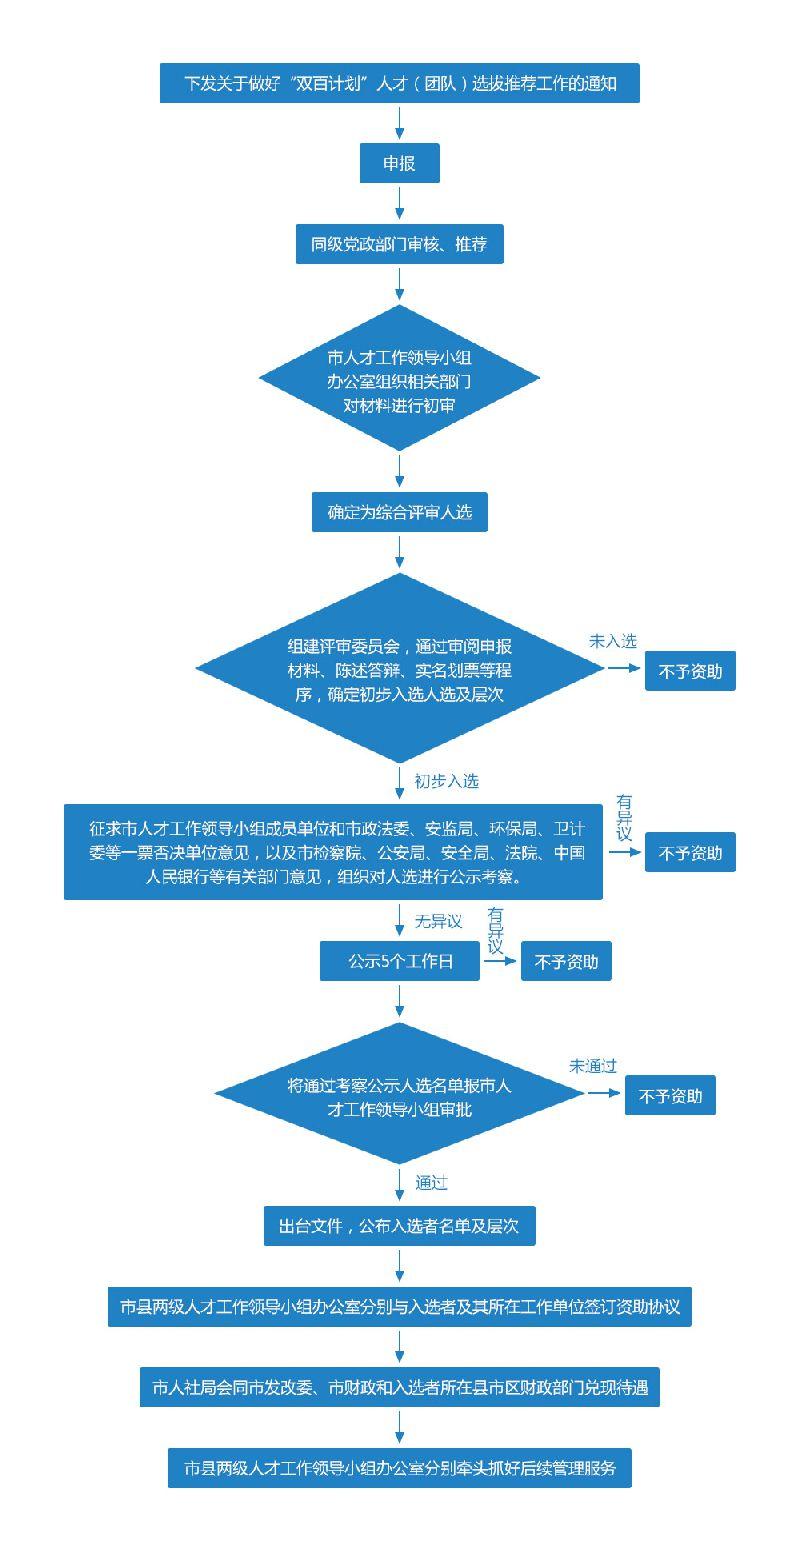 2018烟台双百计划人才申报工作流程图